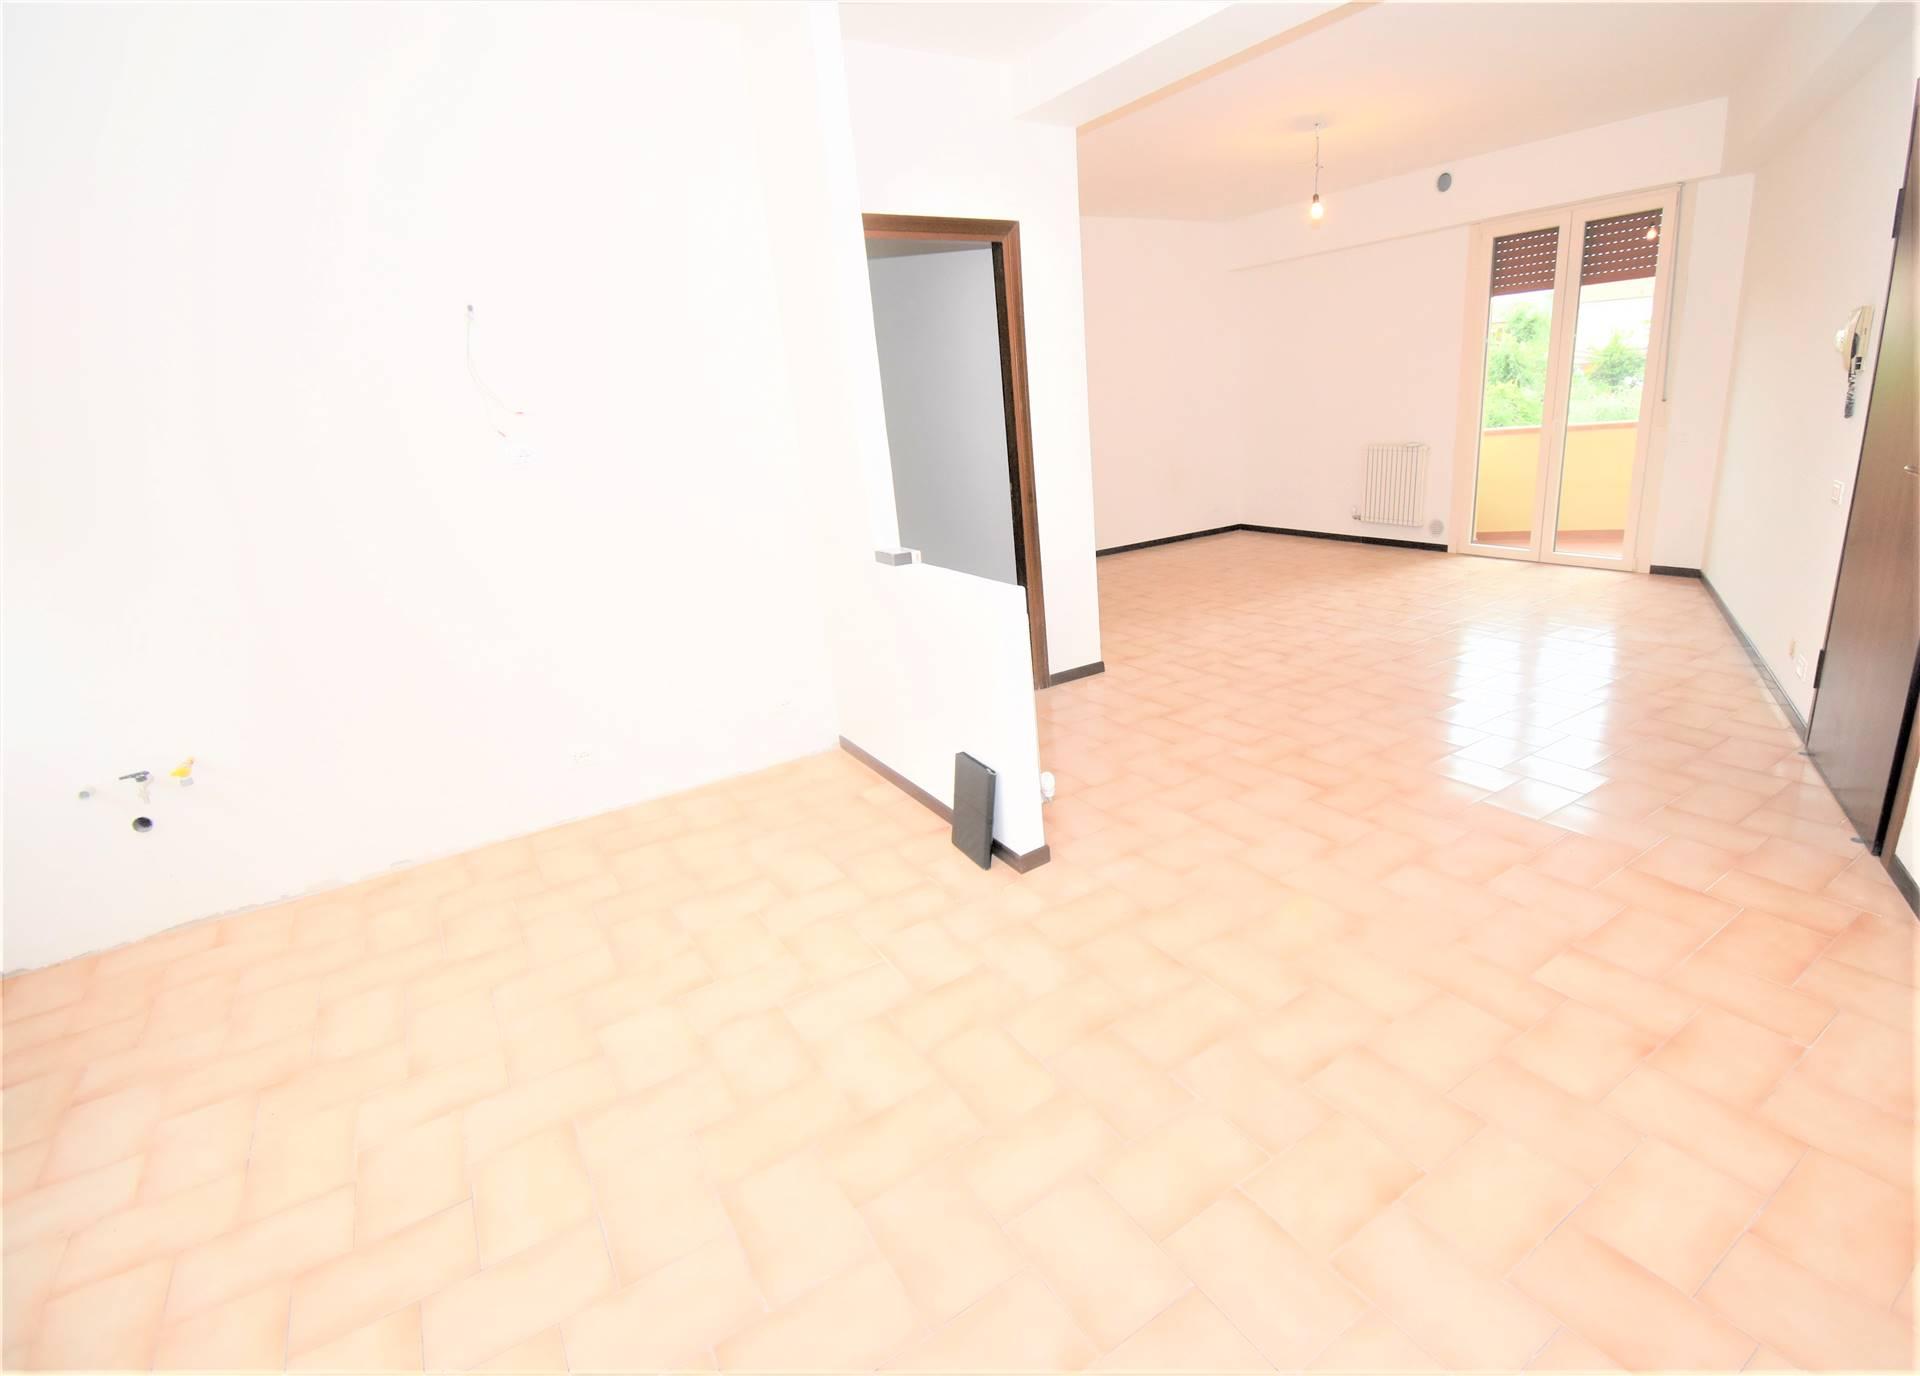 Appartamento BUGGIANO